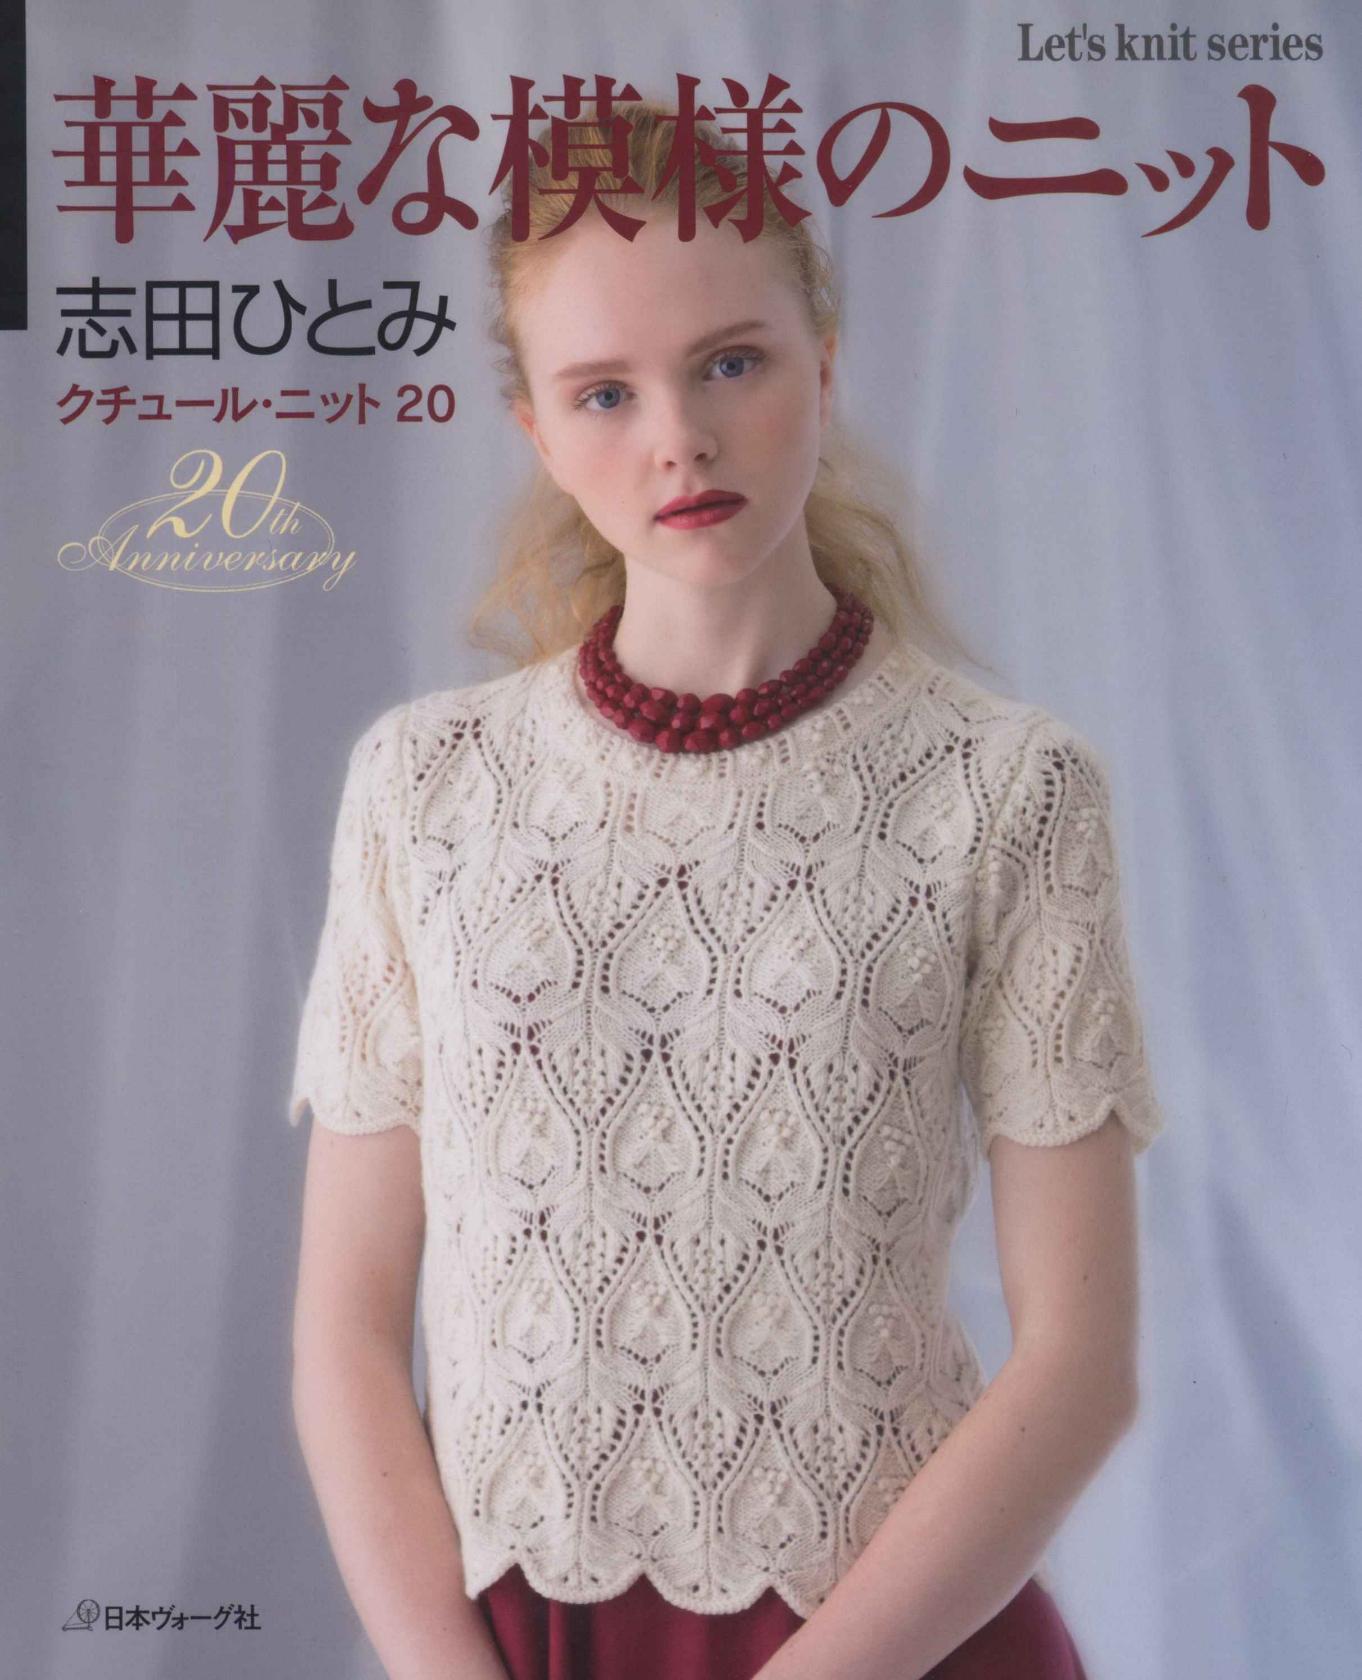 японские журналы по вязанию шида хитоми с высокой четкостью и